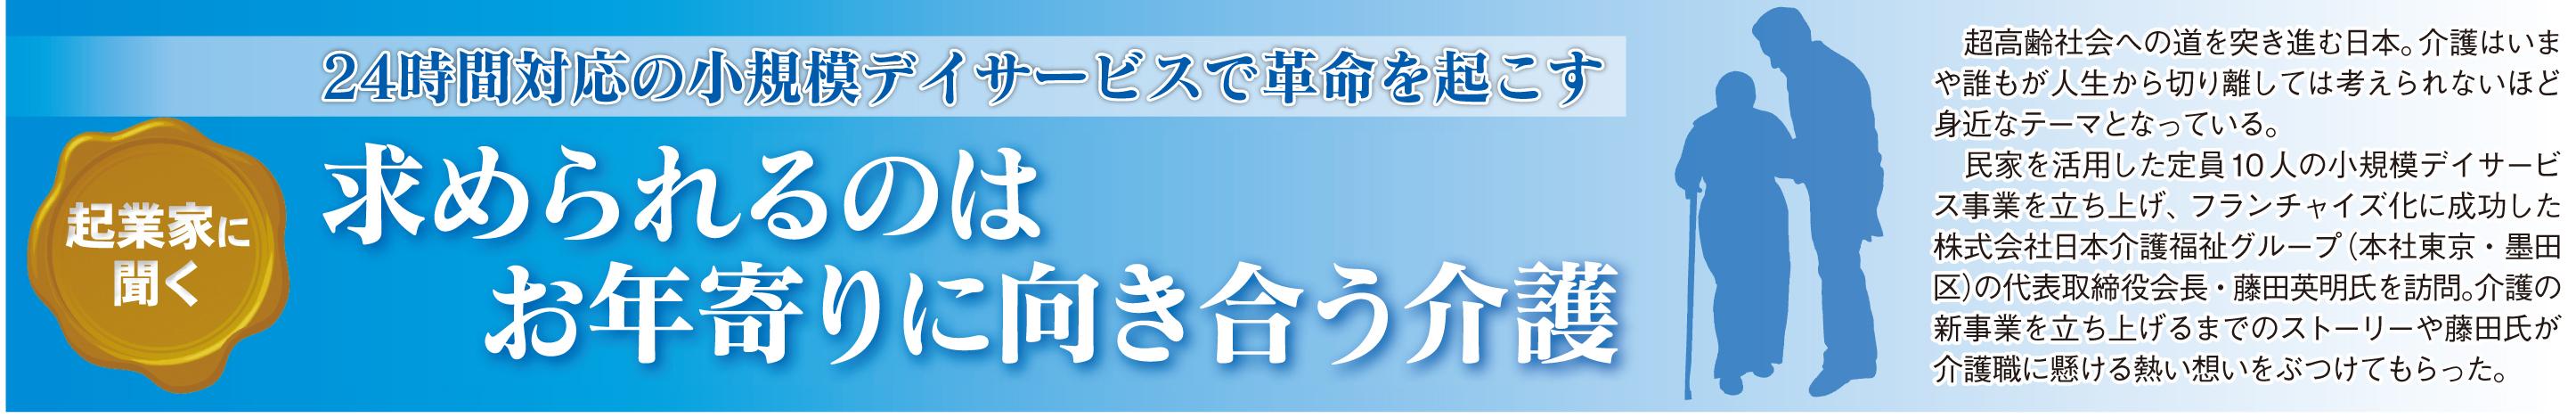 株式会社日本介護福祉グループ.indd